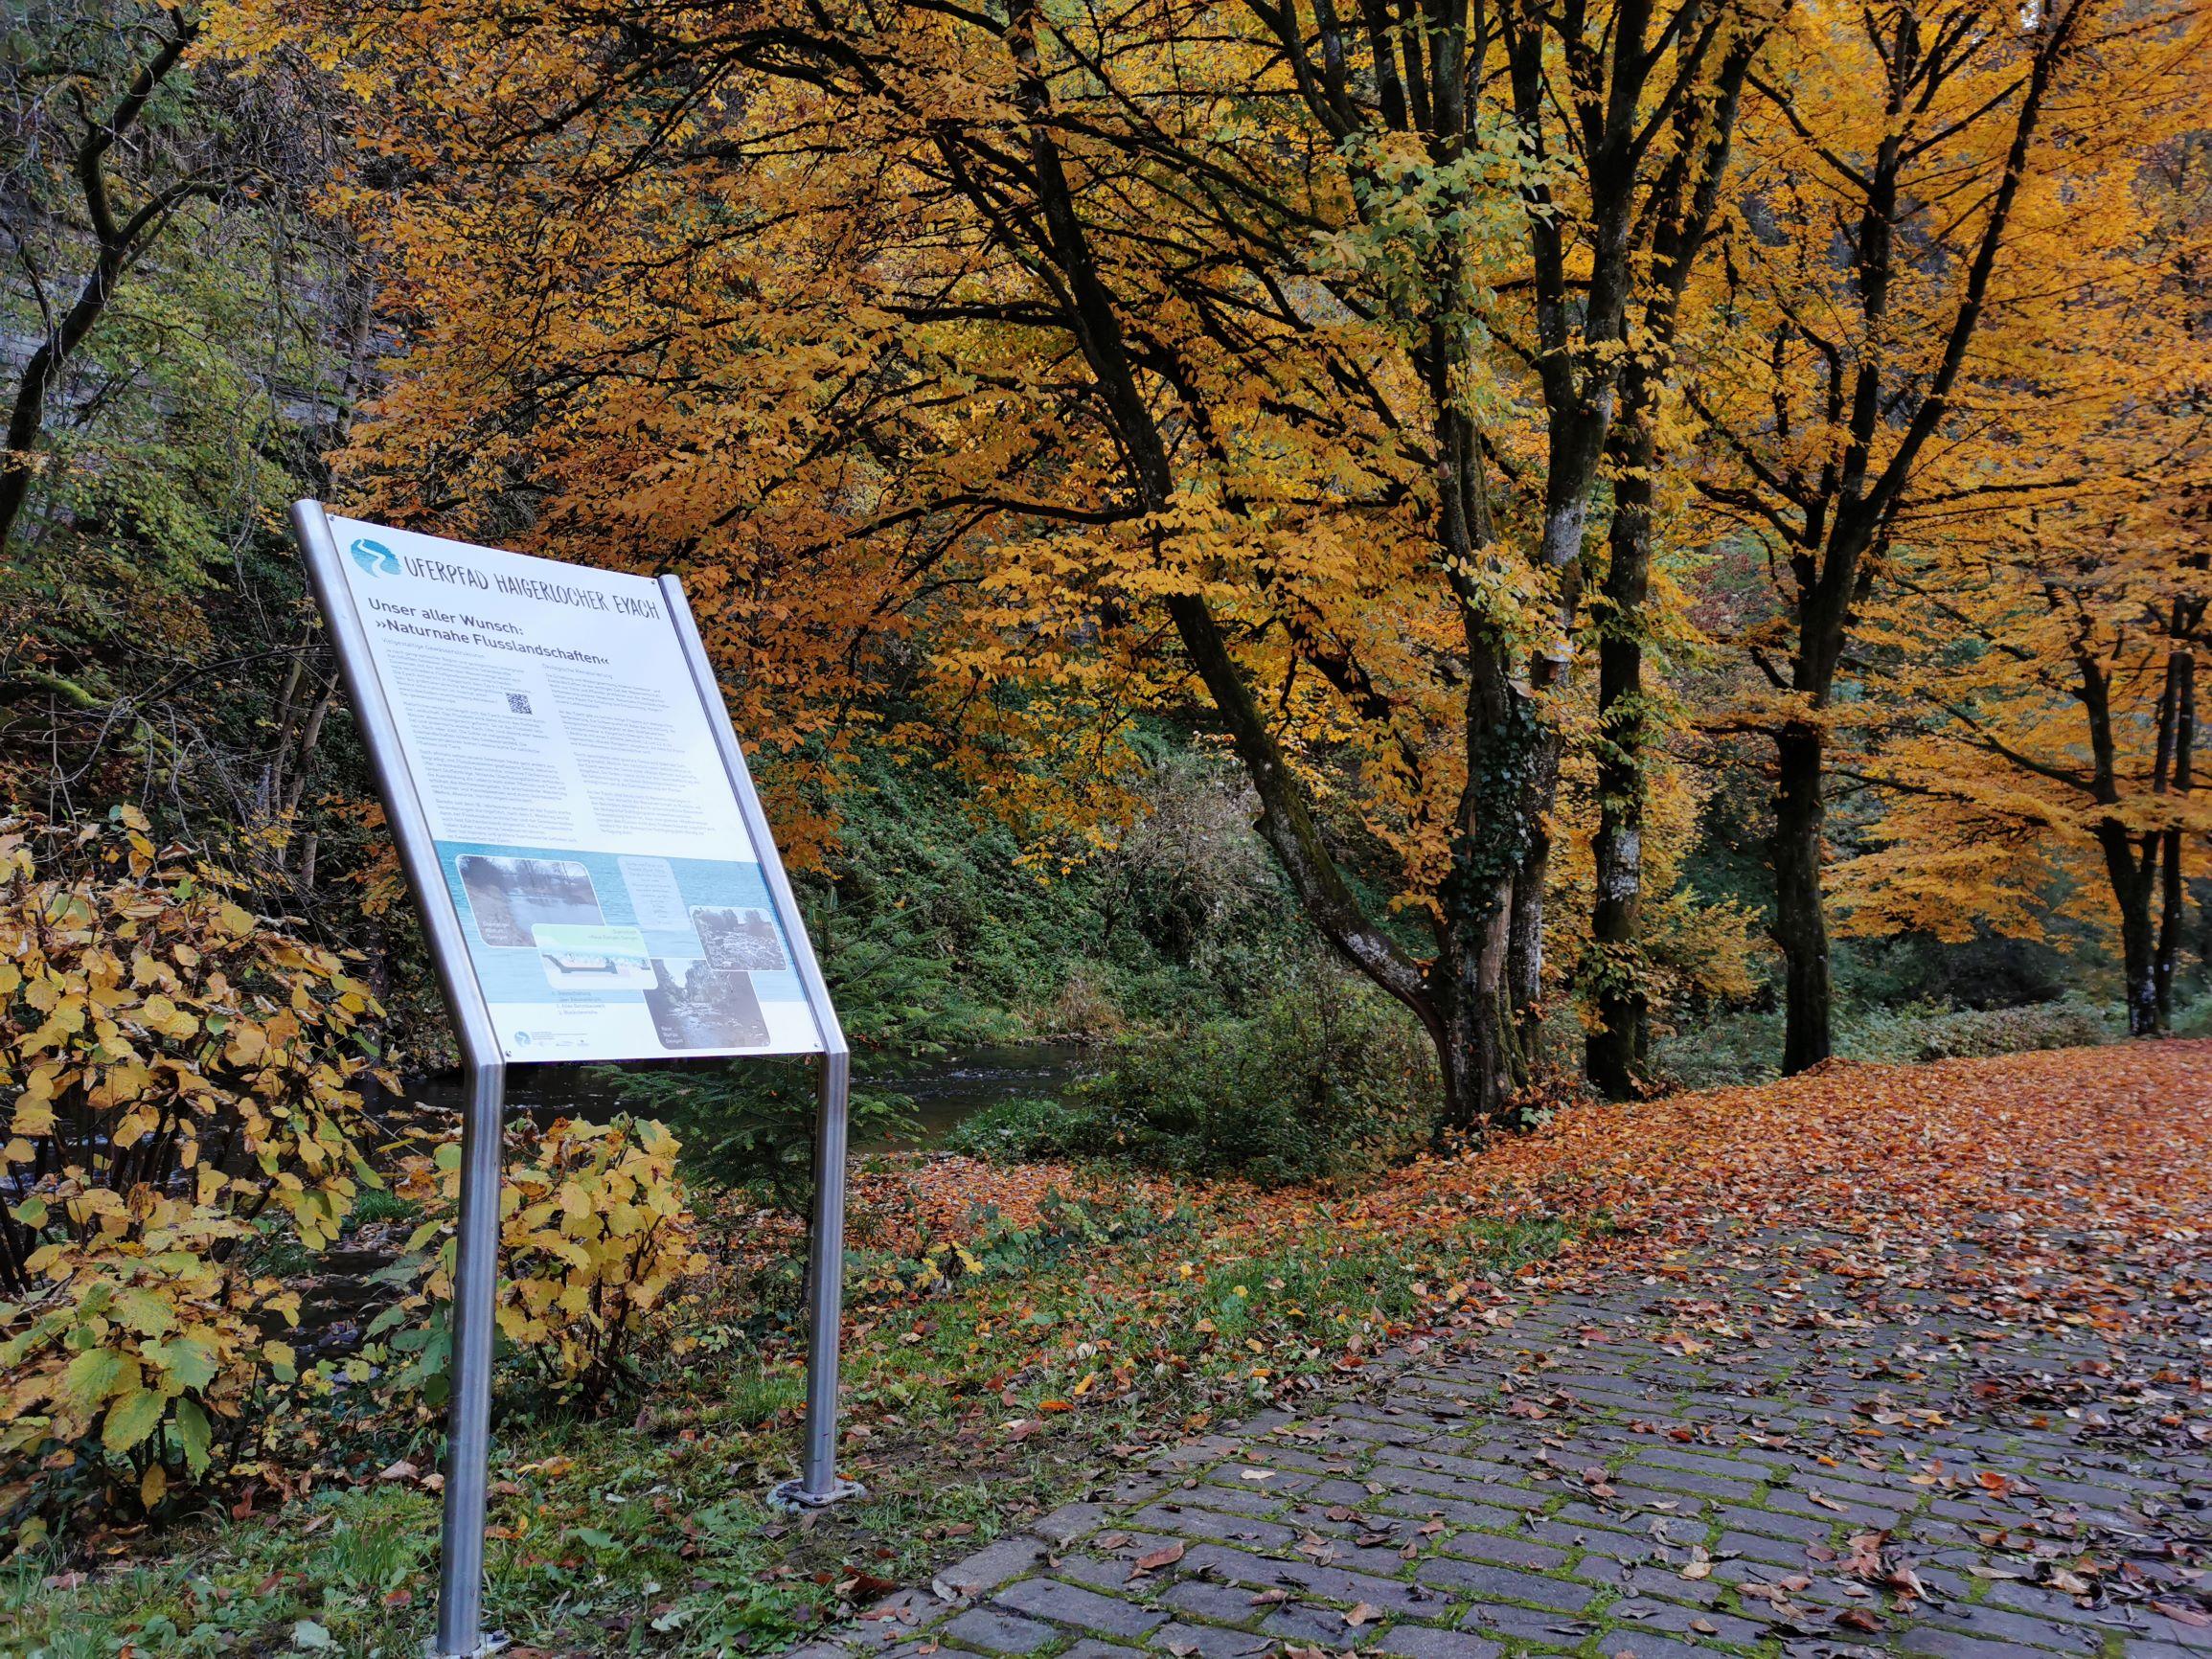 Eine Schautafel des Flusserlebnispfads vor gelben Herbstbäumen